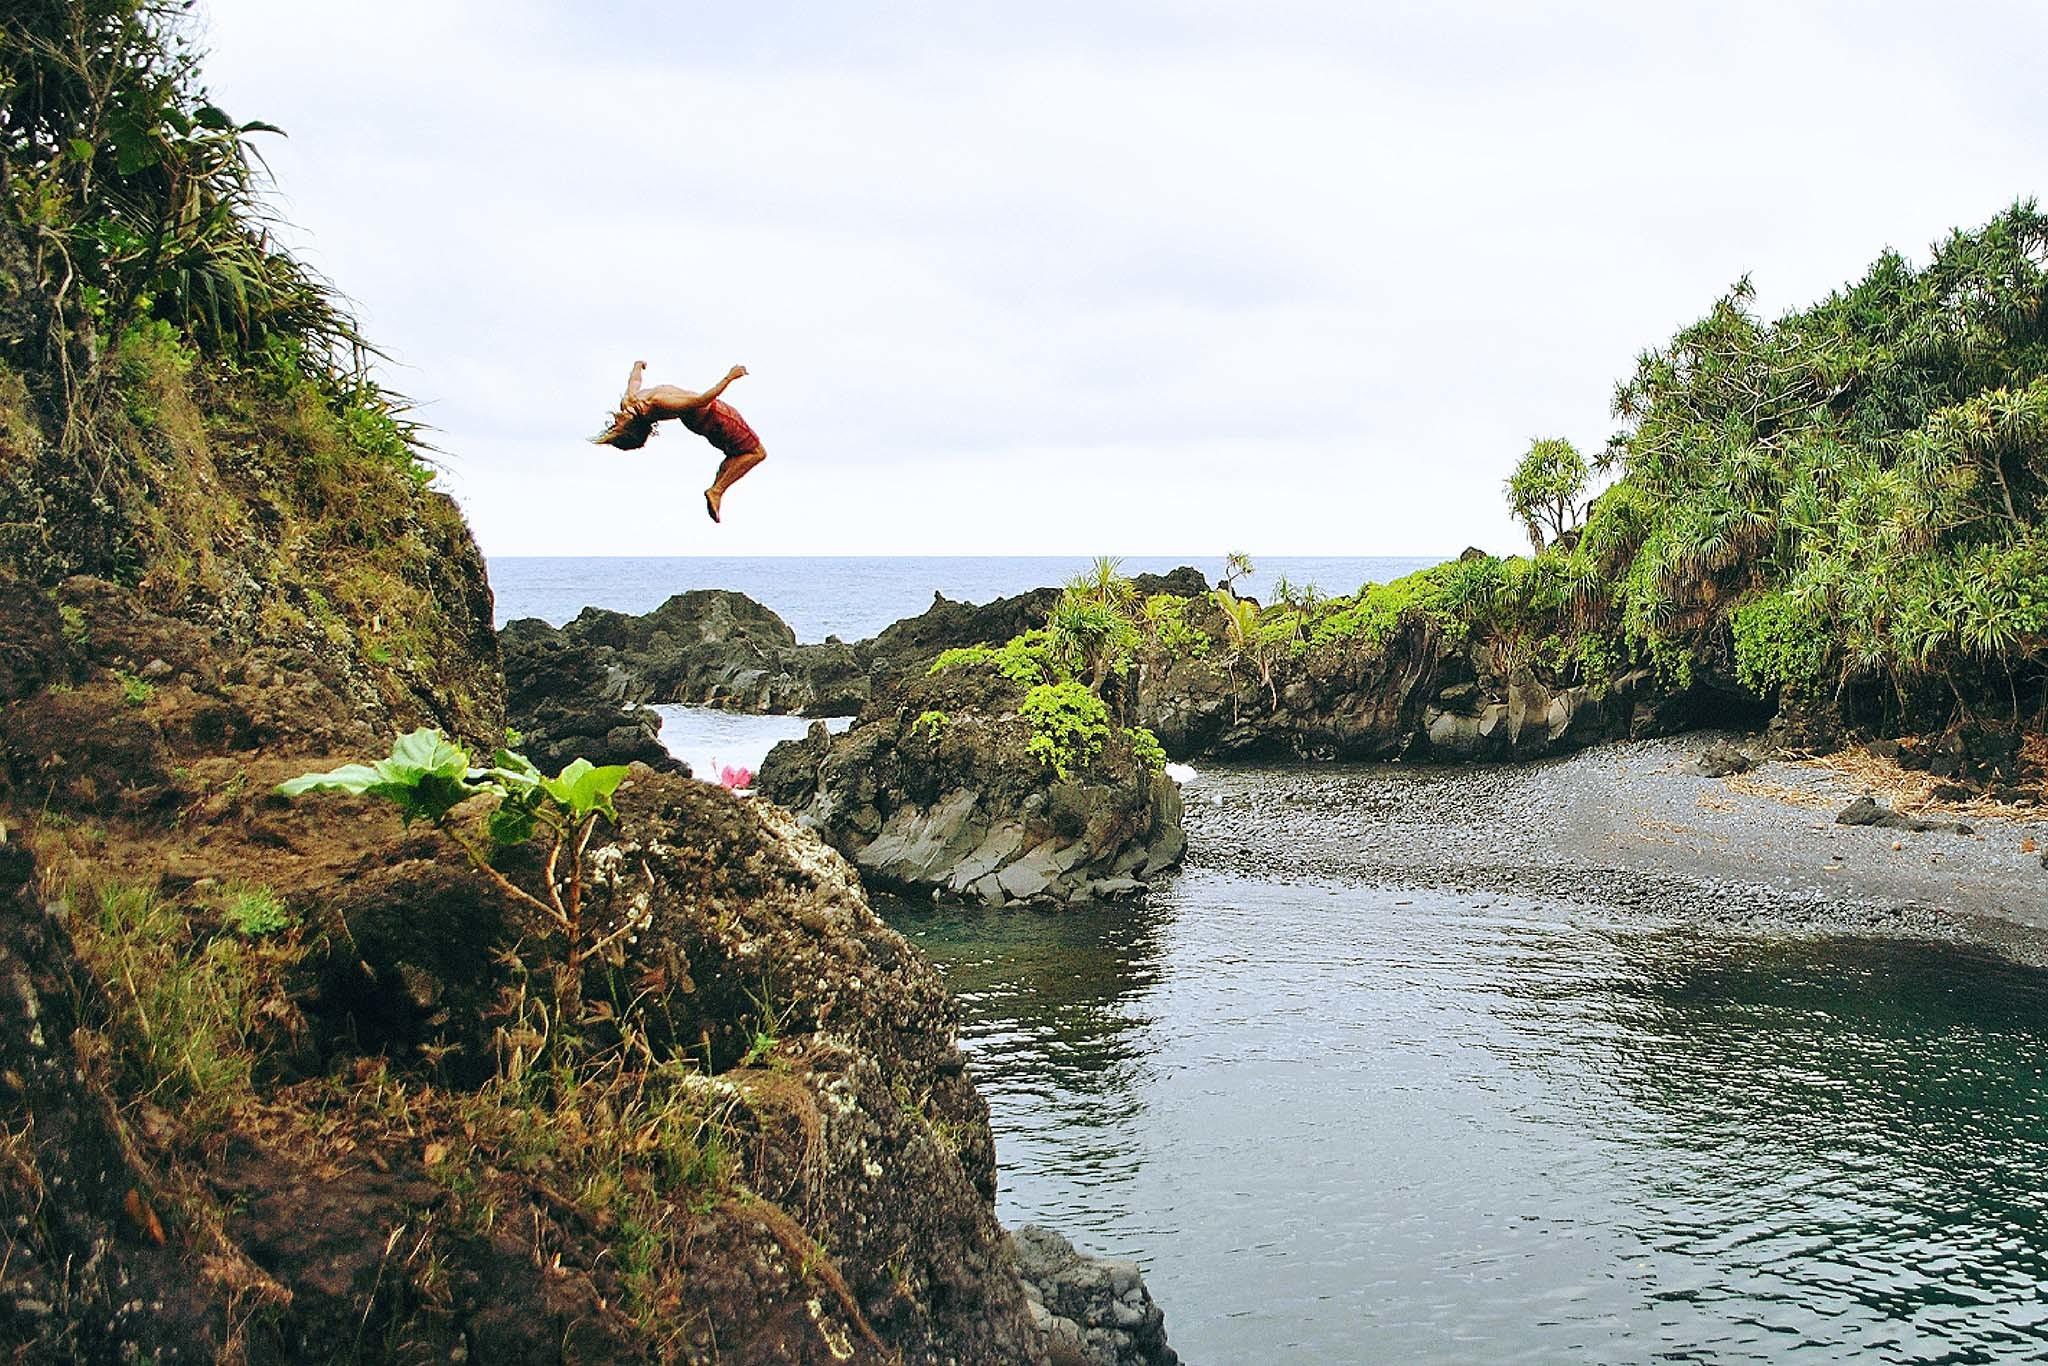 Who wants a free trip to Maui?